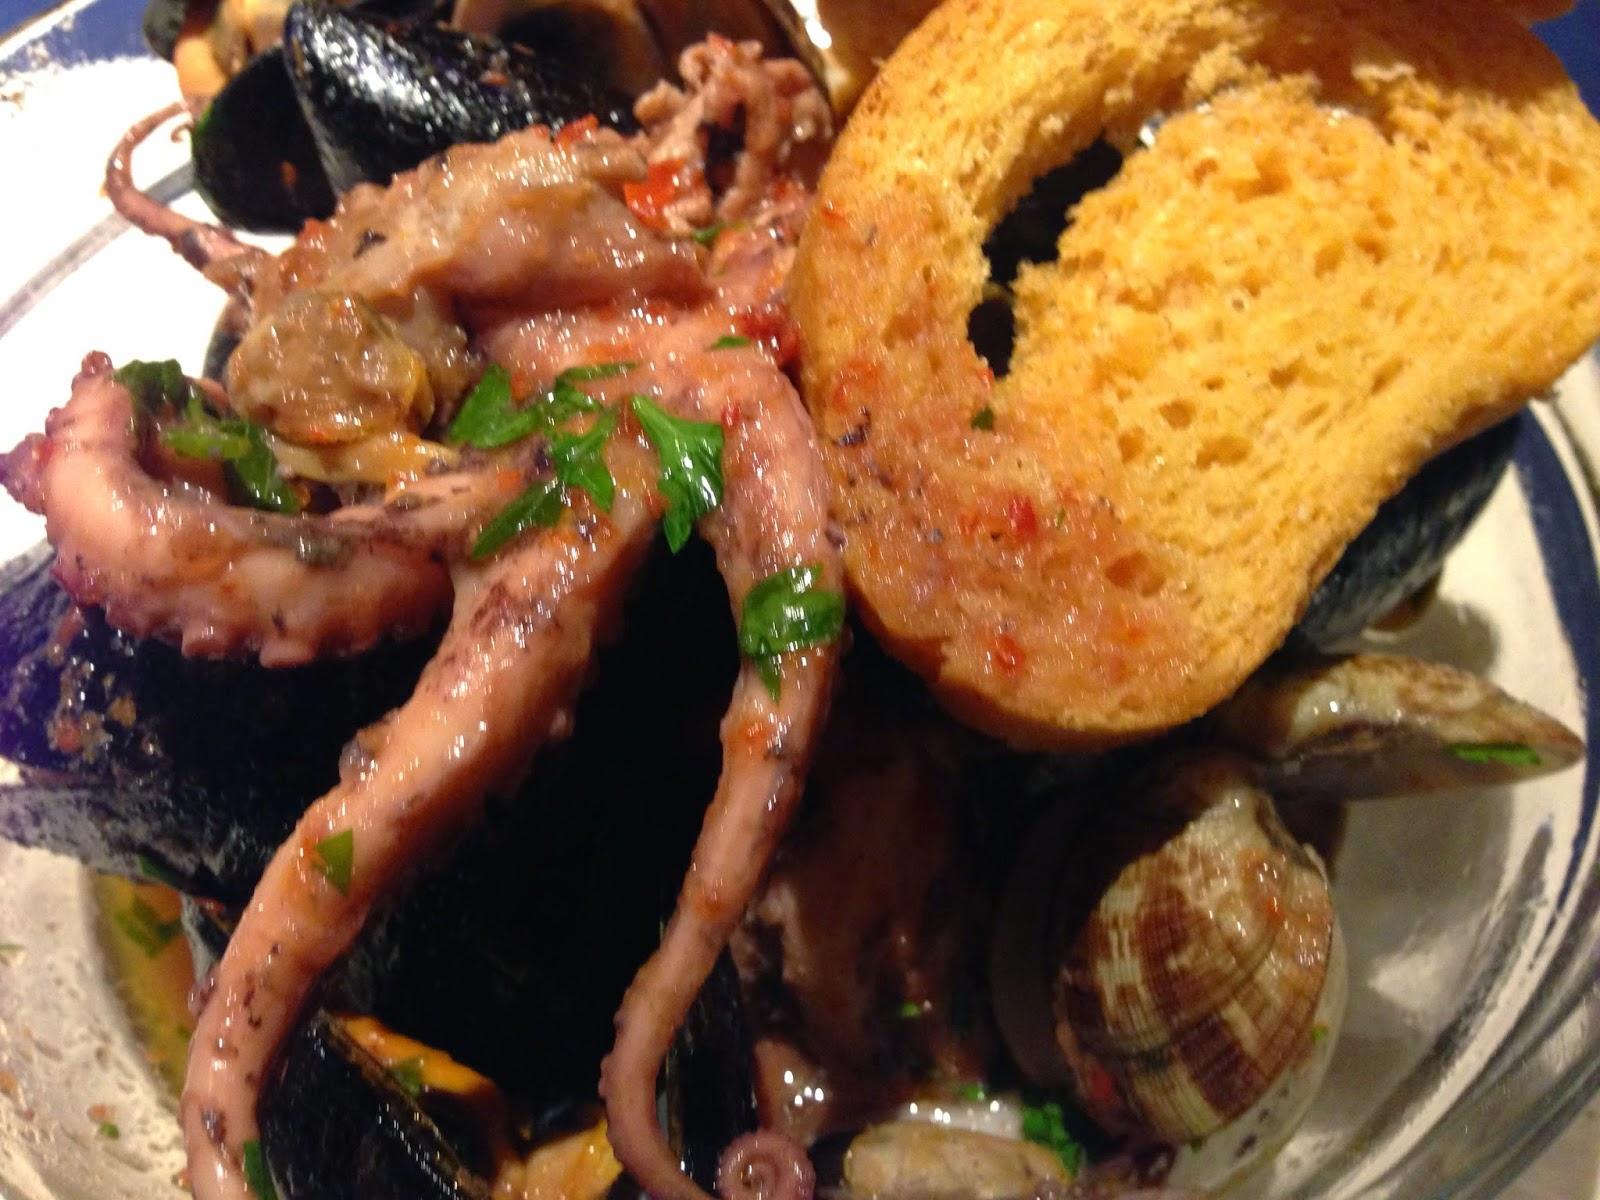 marisquade (zuppa di mare)